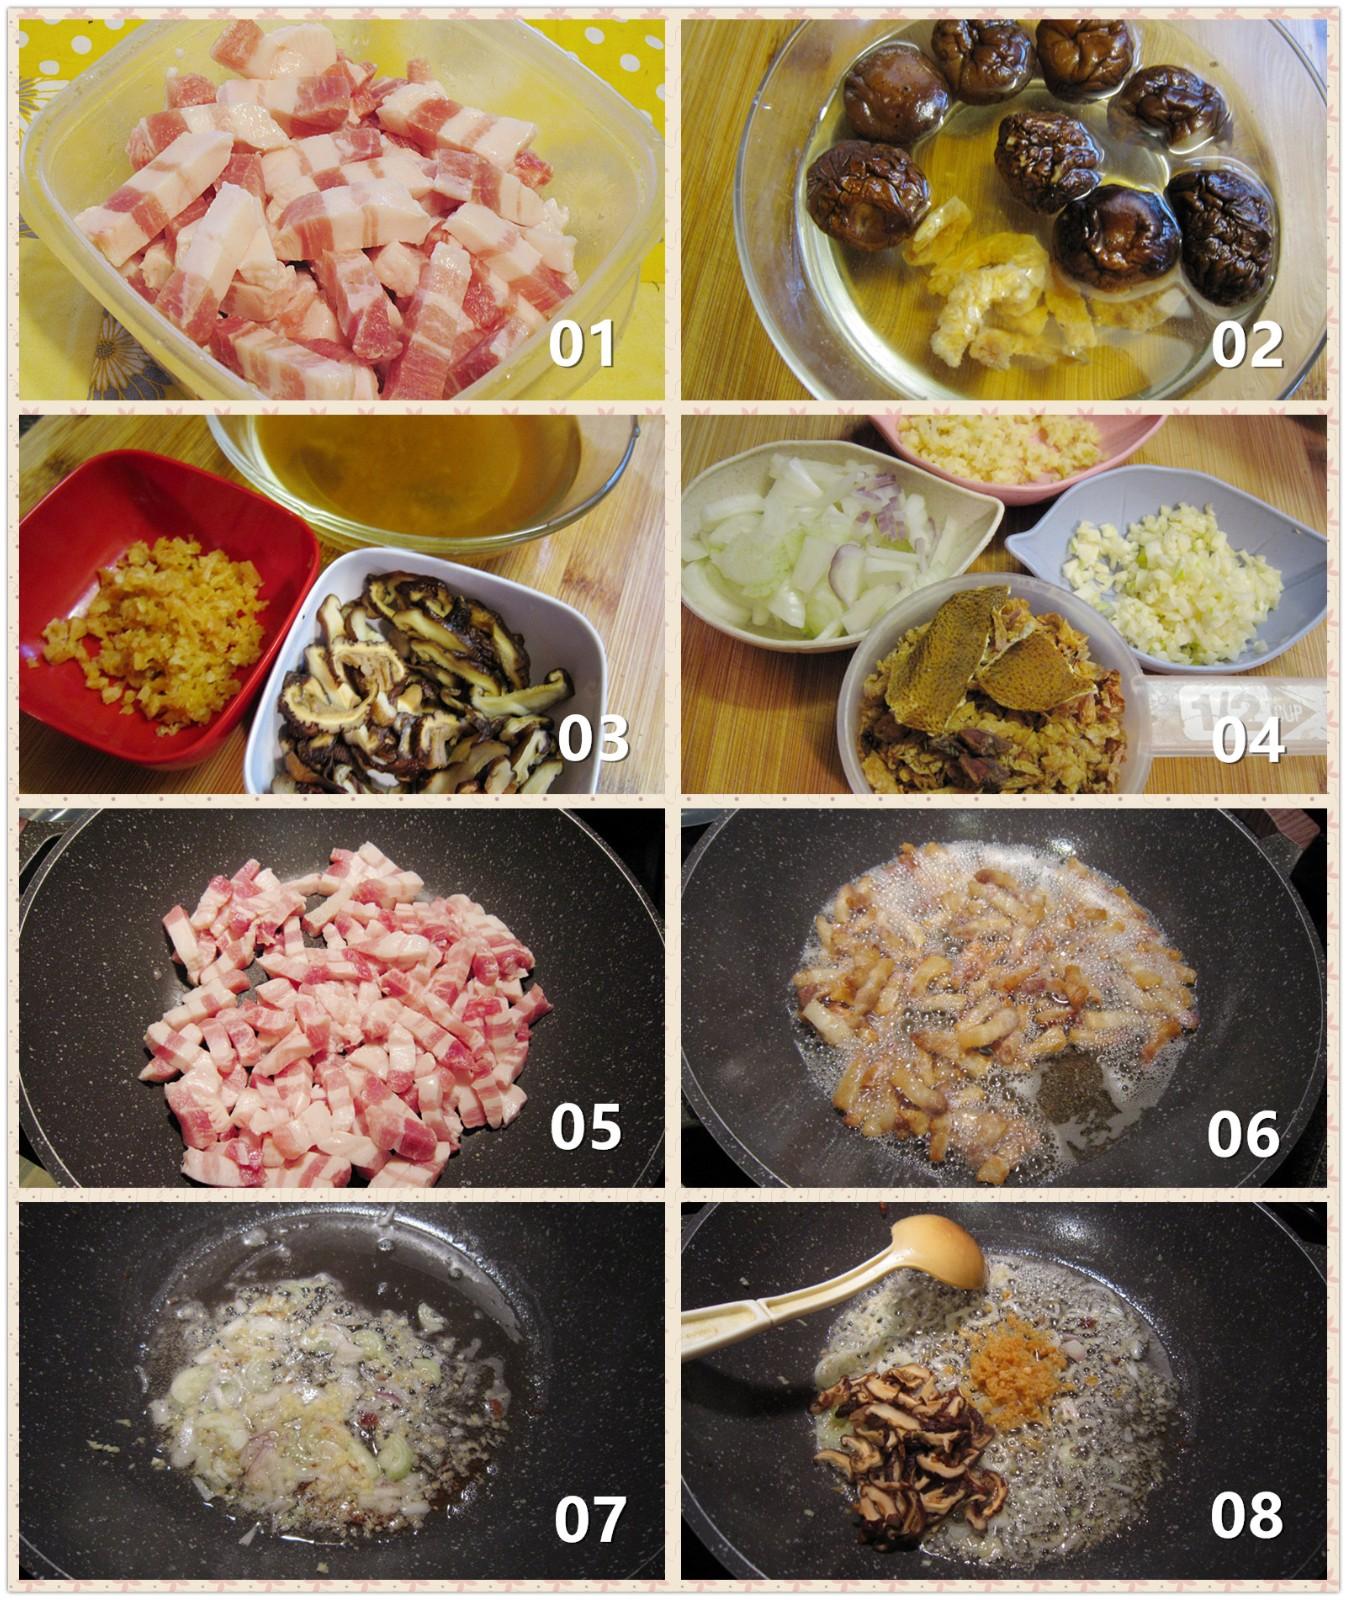 台湾风味卤肉_图1-2